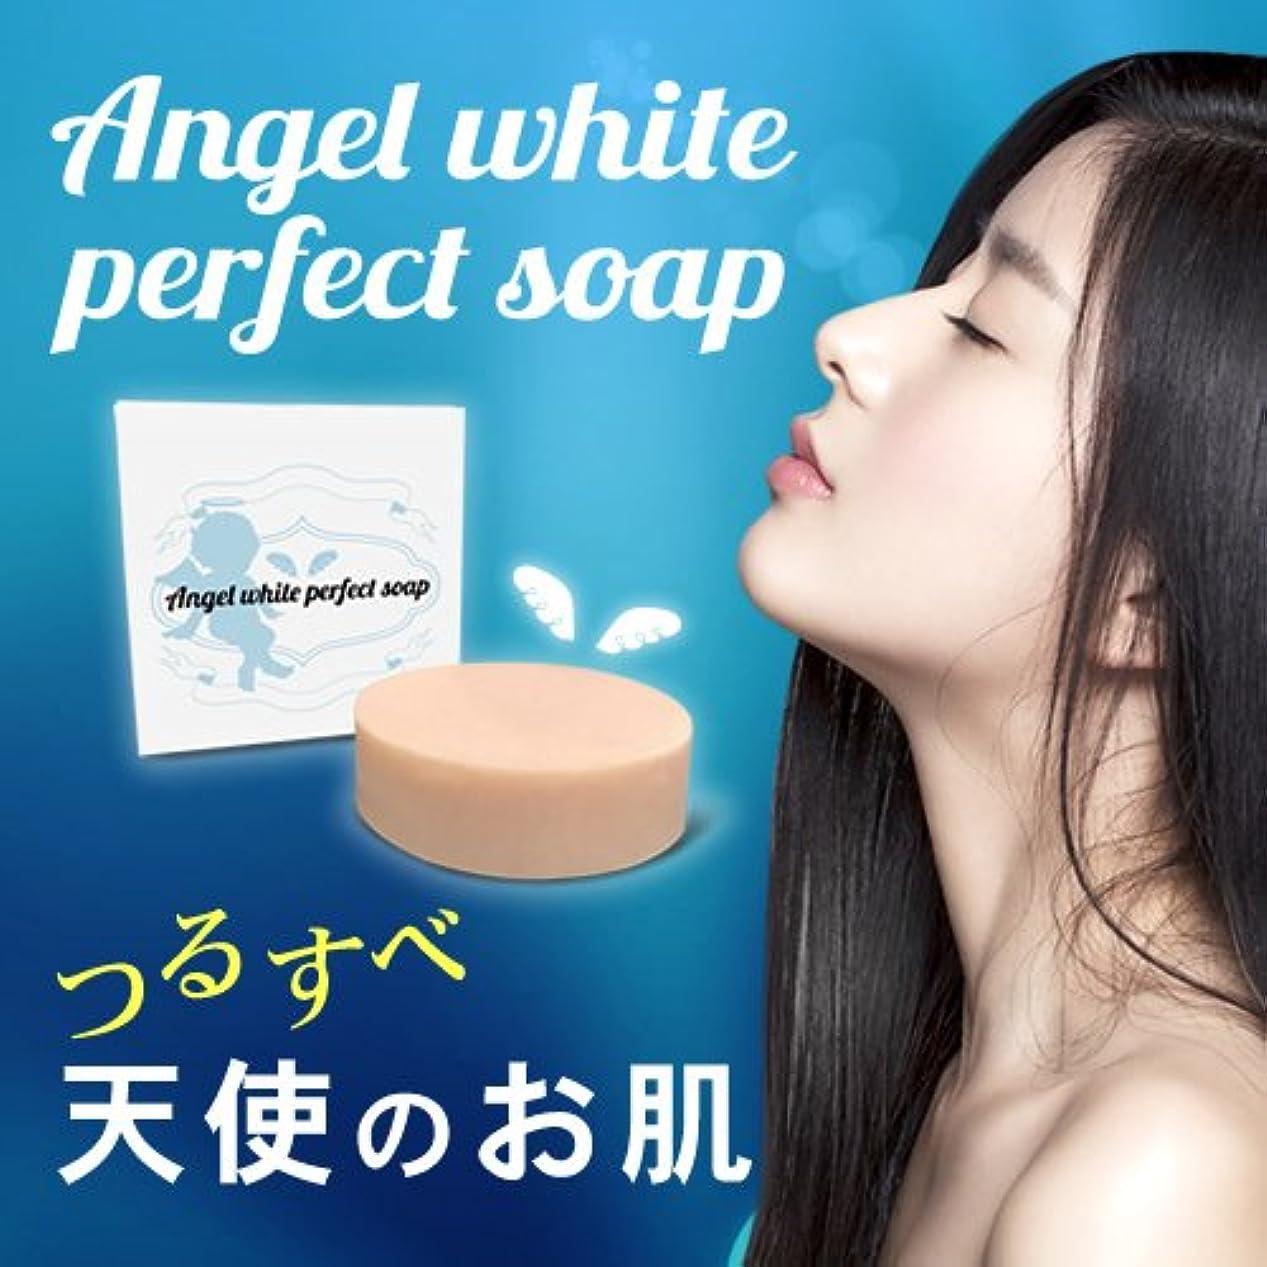 召喚するマイクロプロセッサ代わってAngel White Perfect Soap(エンジェルホワイトパーフェクトソープ) 美白 美白石けん 美肌 洗顔石鹸